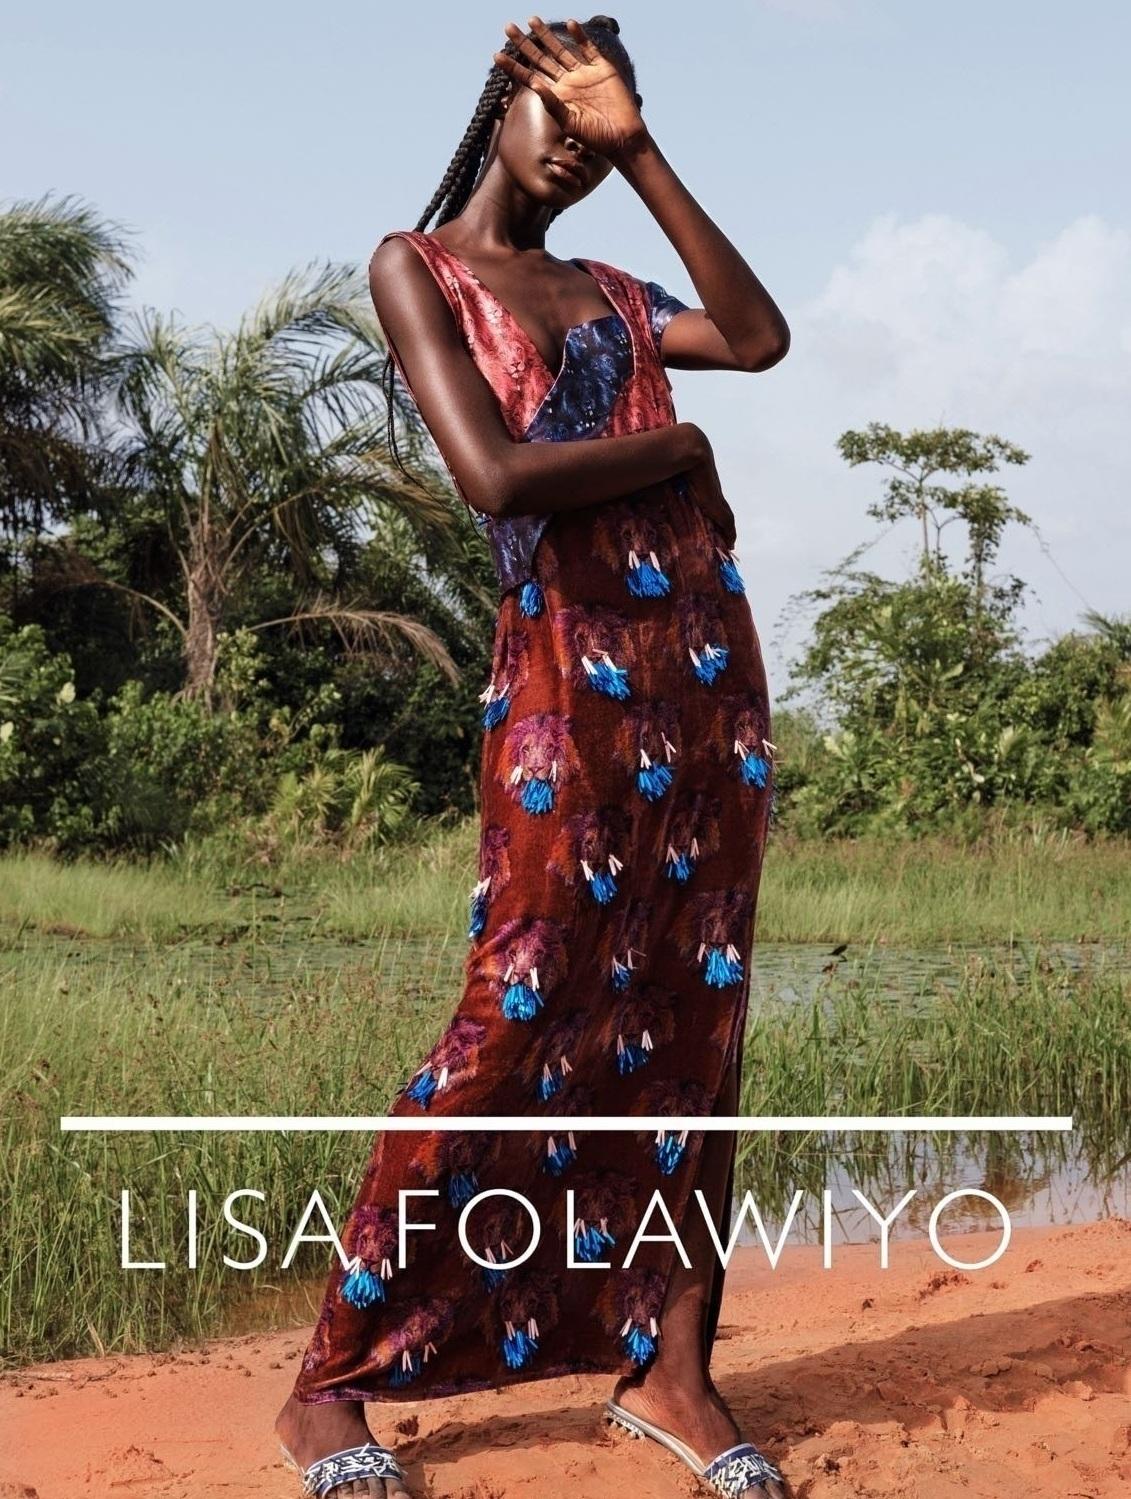 LISA FOLAWIYO - SS18